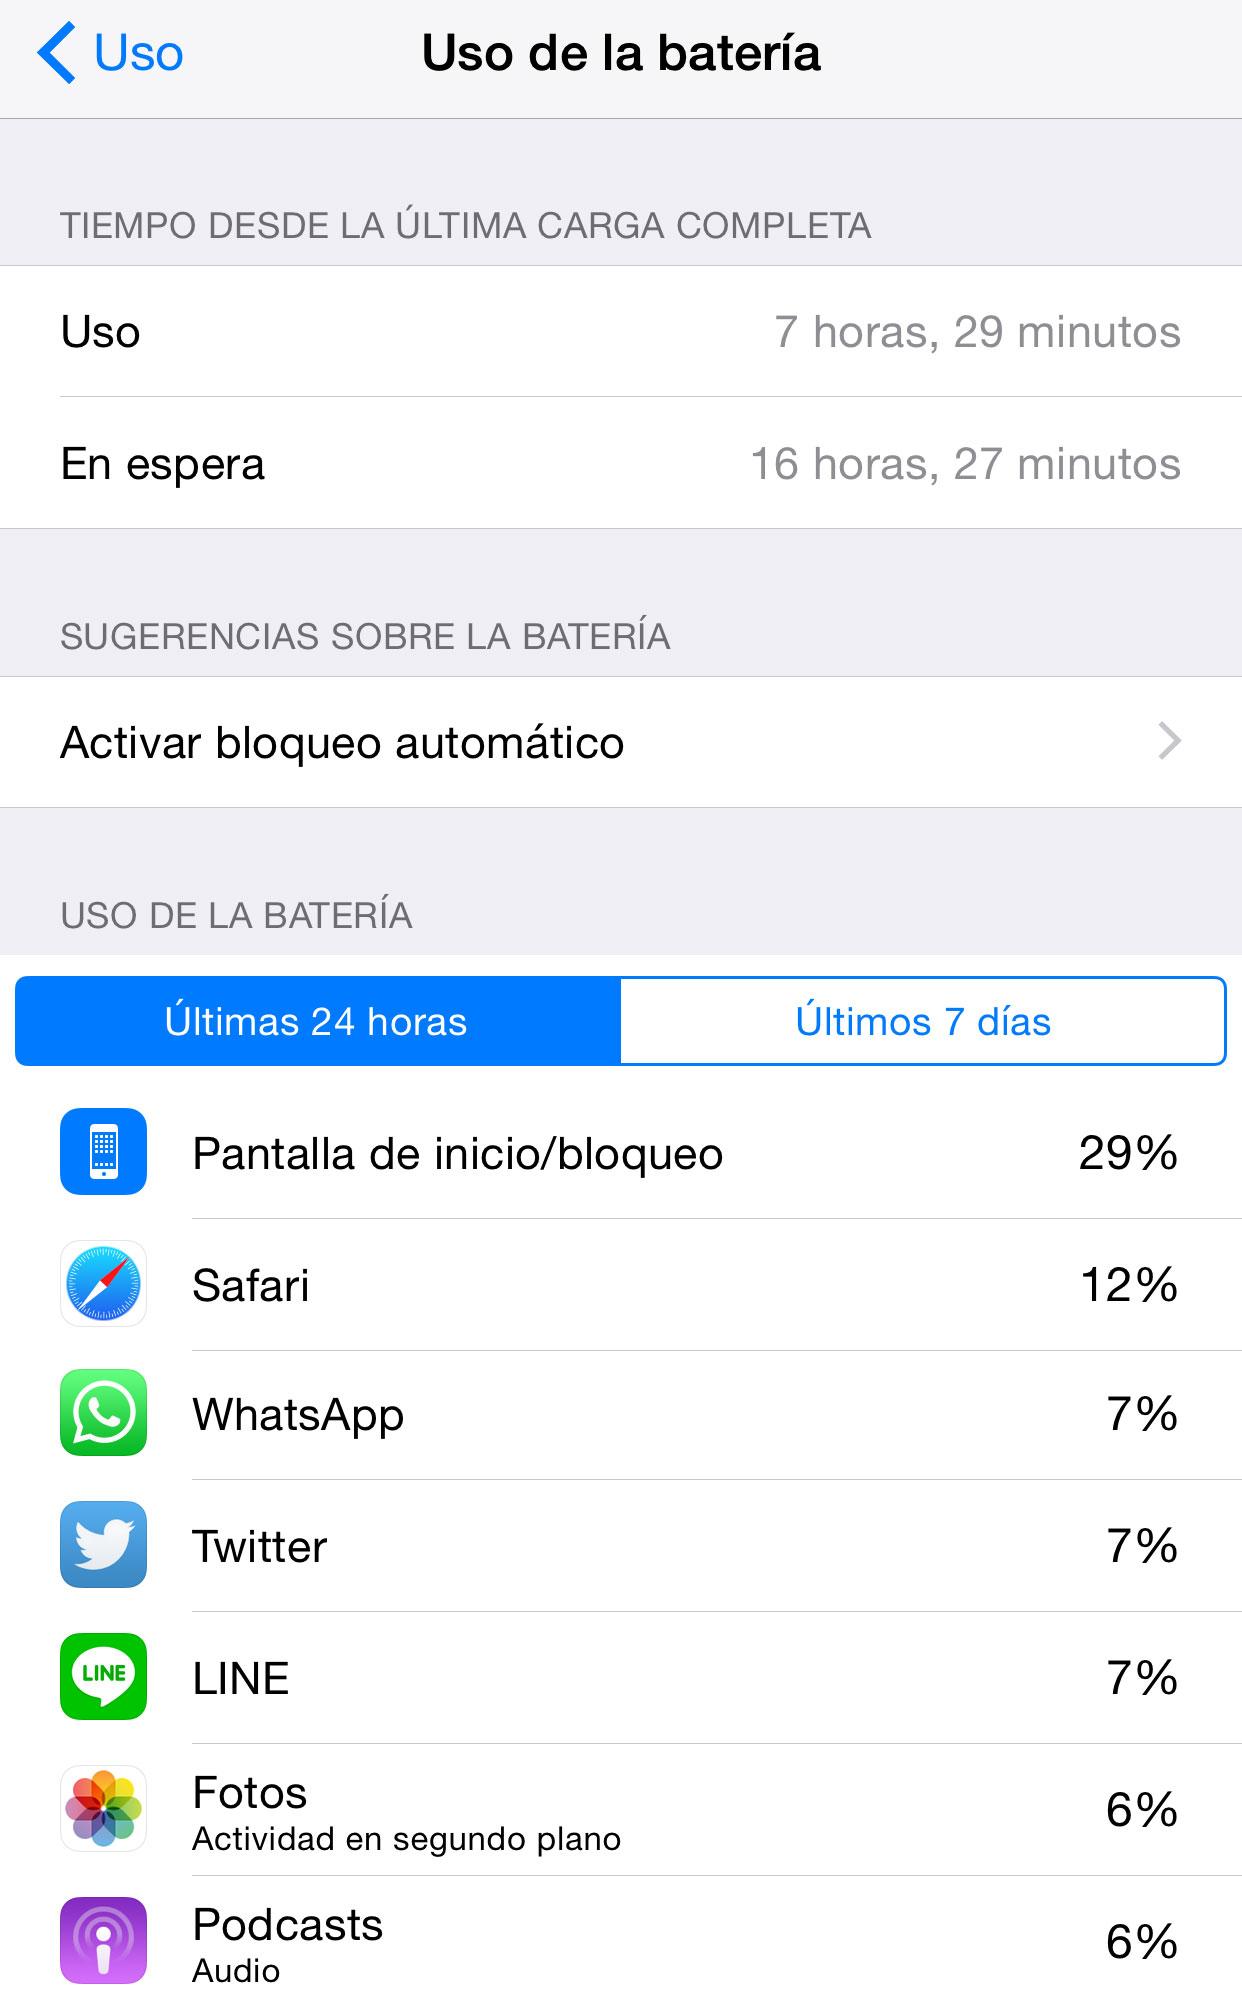 Uso de la batería en iOS